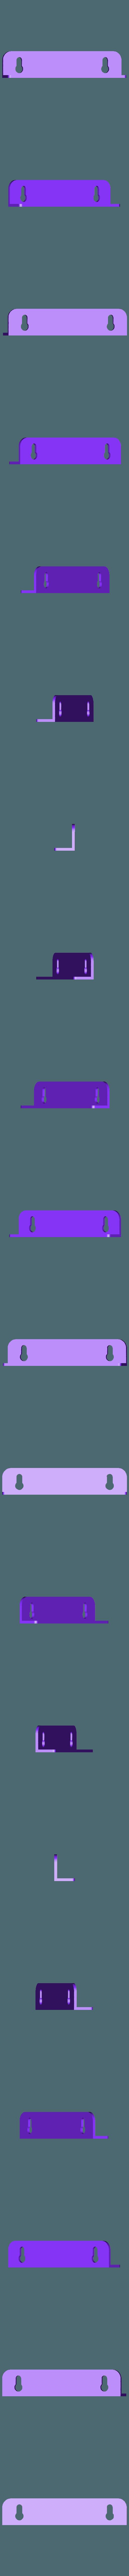 Wiha_7pc_26390.stl Télécharger fichier STL gratuit Porte-vis de précision Wiha • Objet imprimable en 3D, Masterkookus